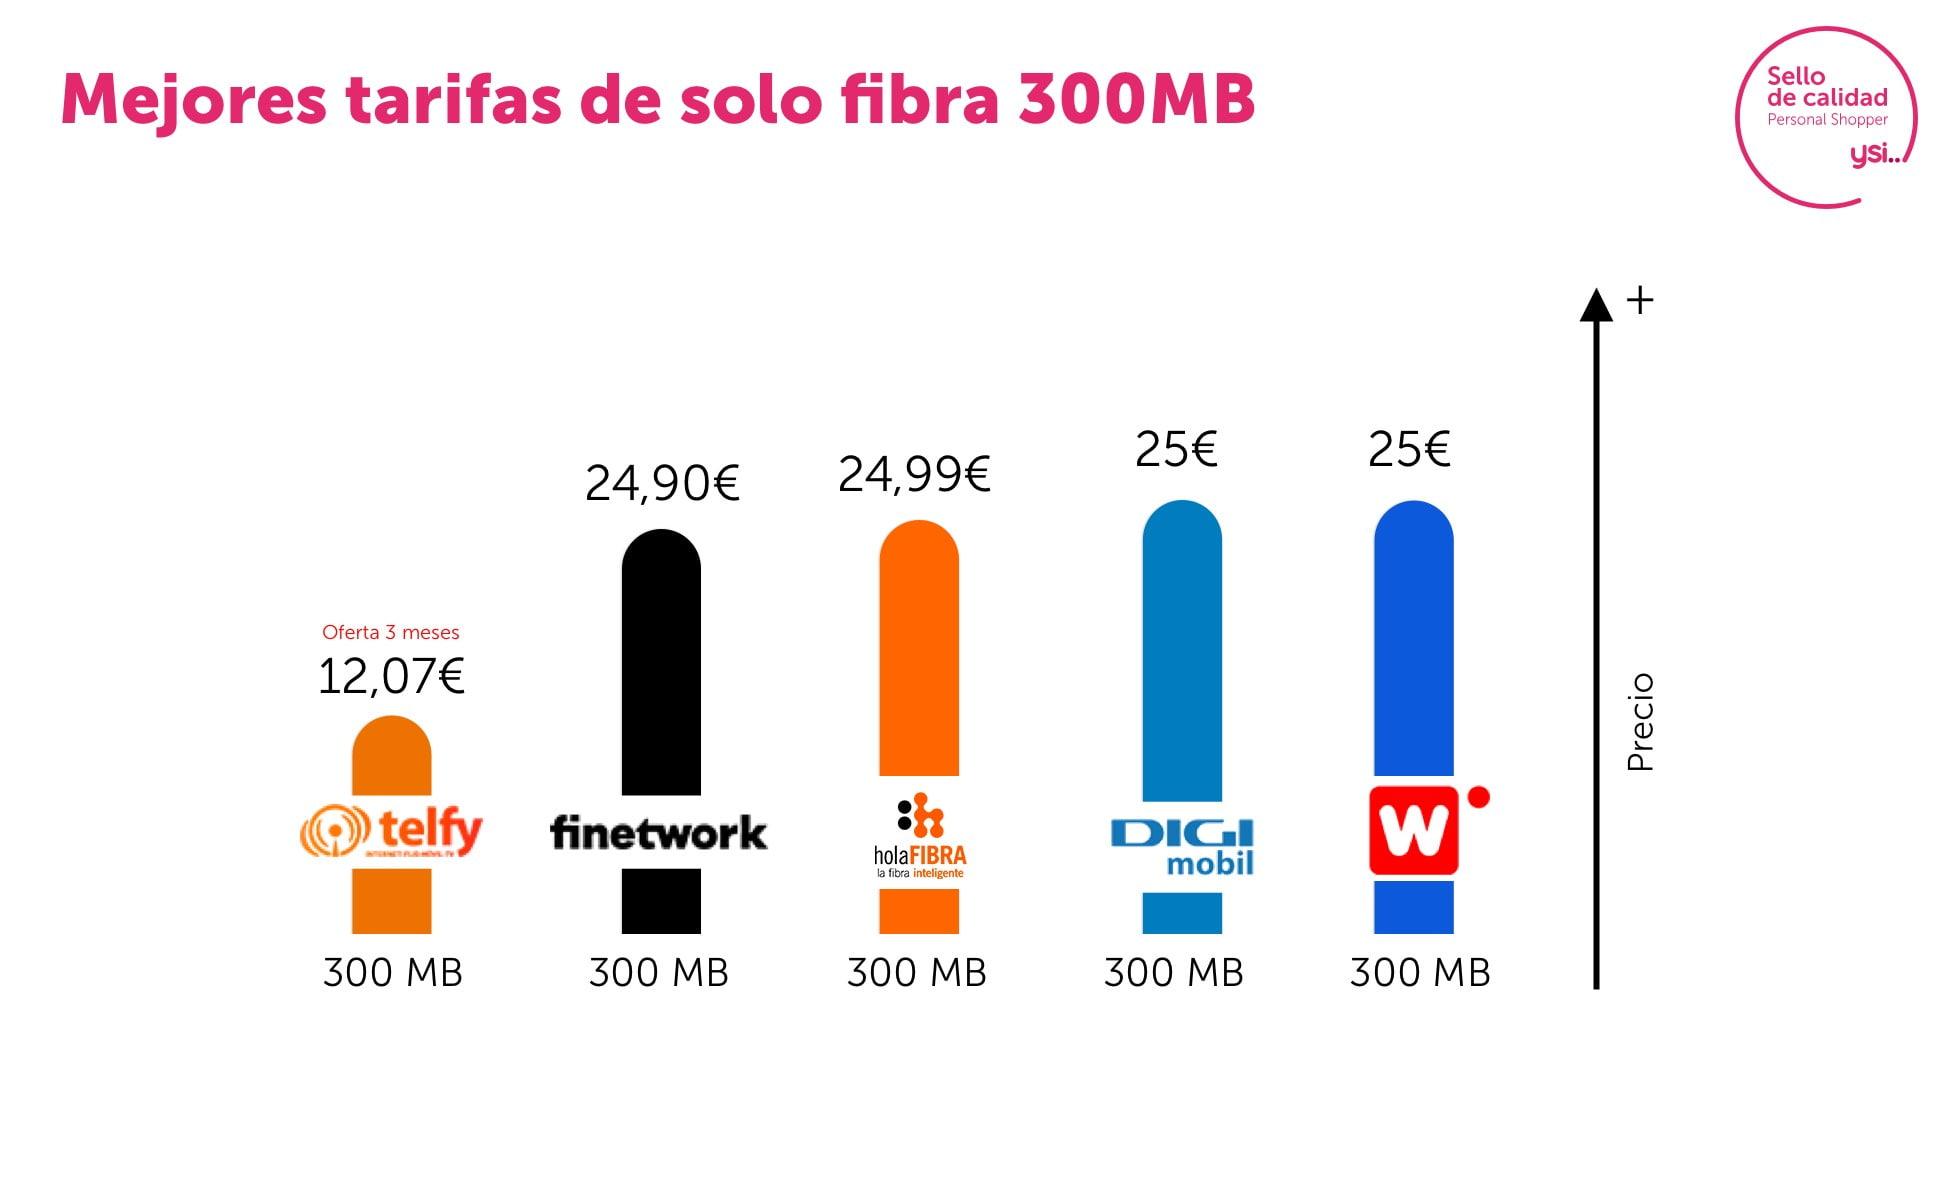 Las mejores ofertas de fibra de 300Mb